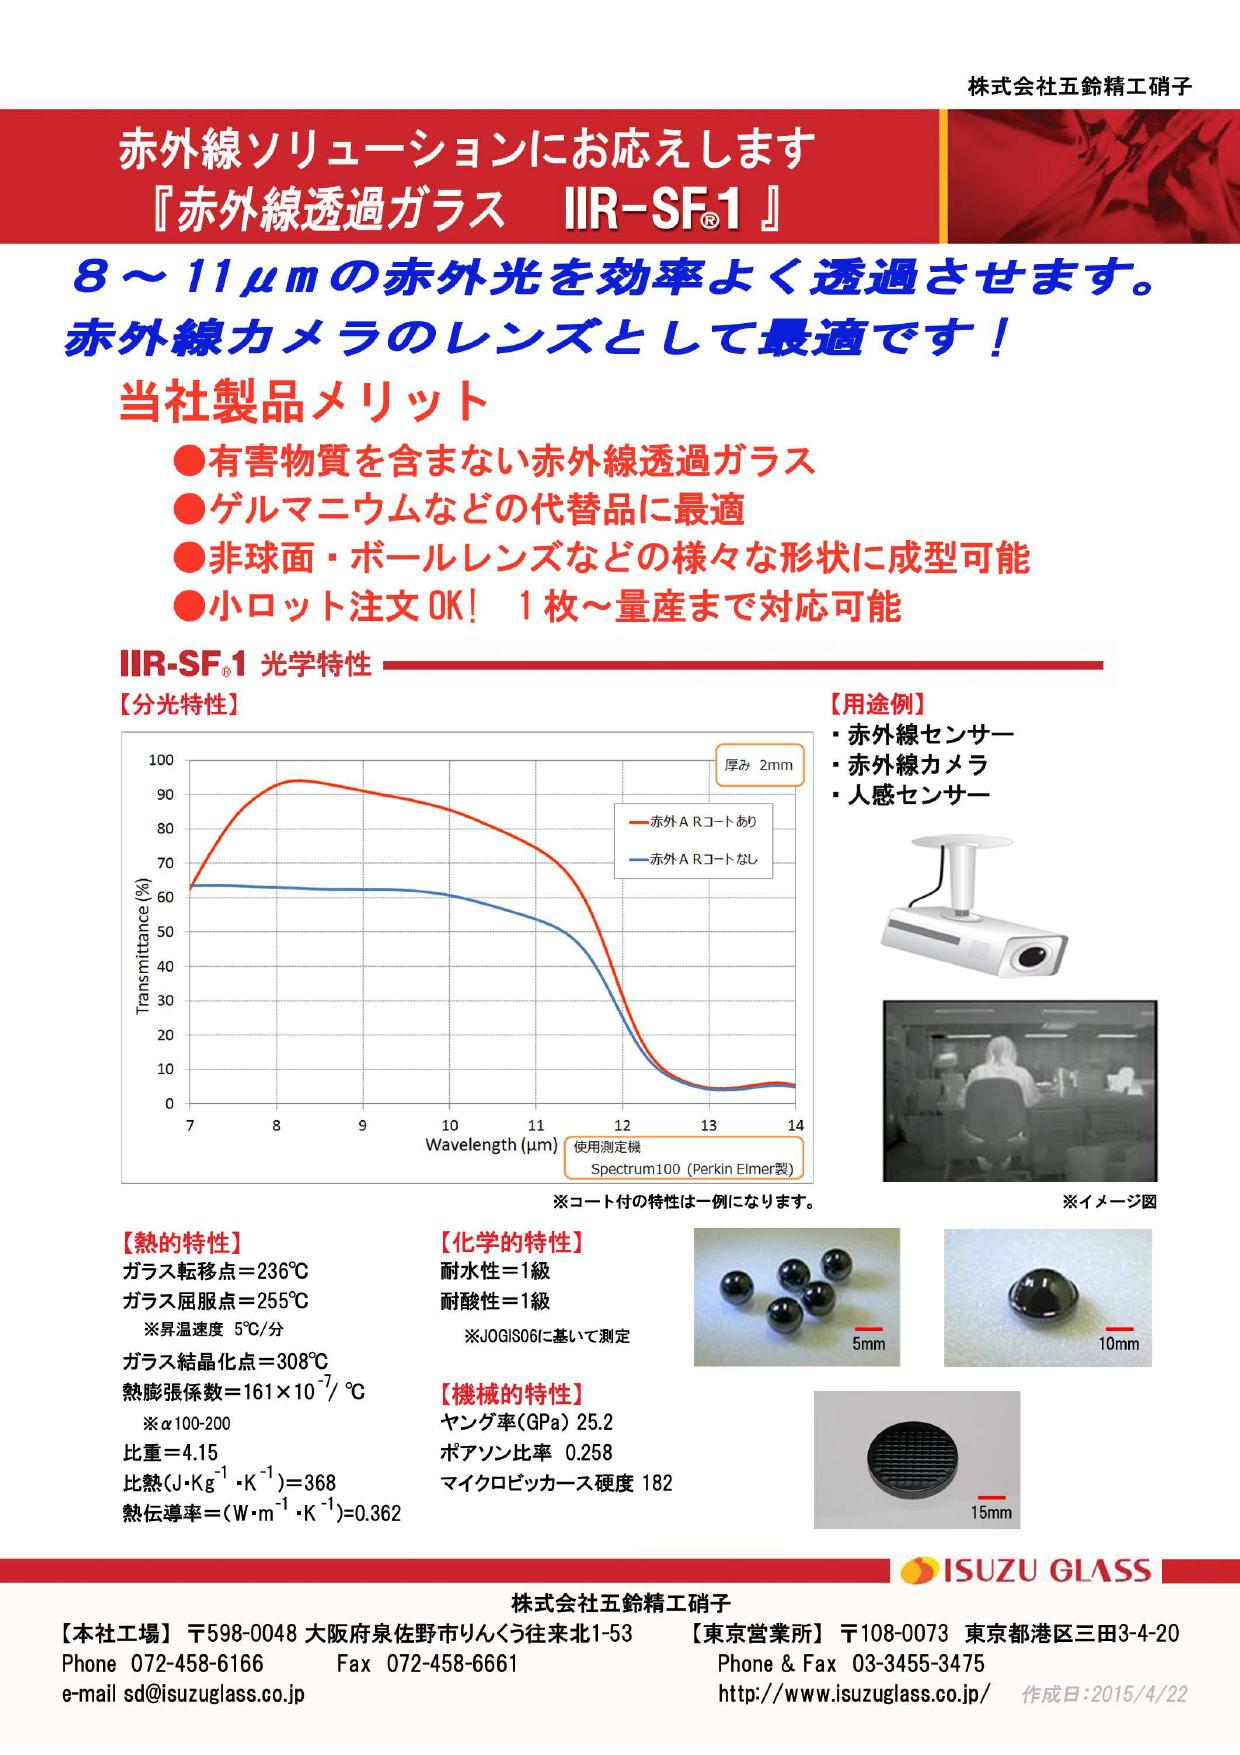 赤外線カメラのレンズに最適 赤外線透過ガラス IIR-SF(R)1